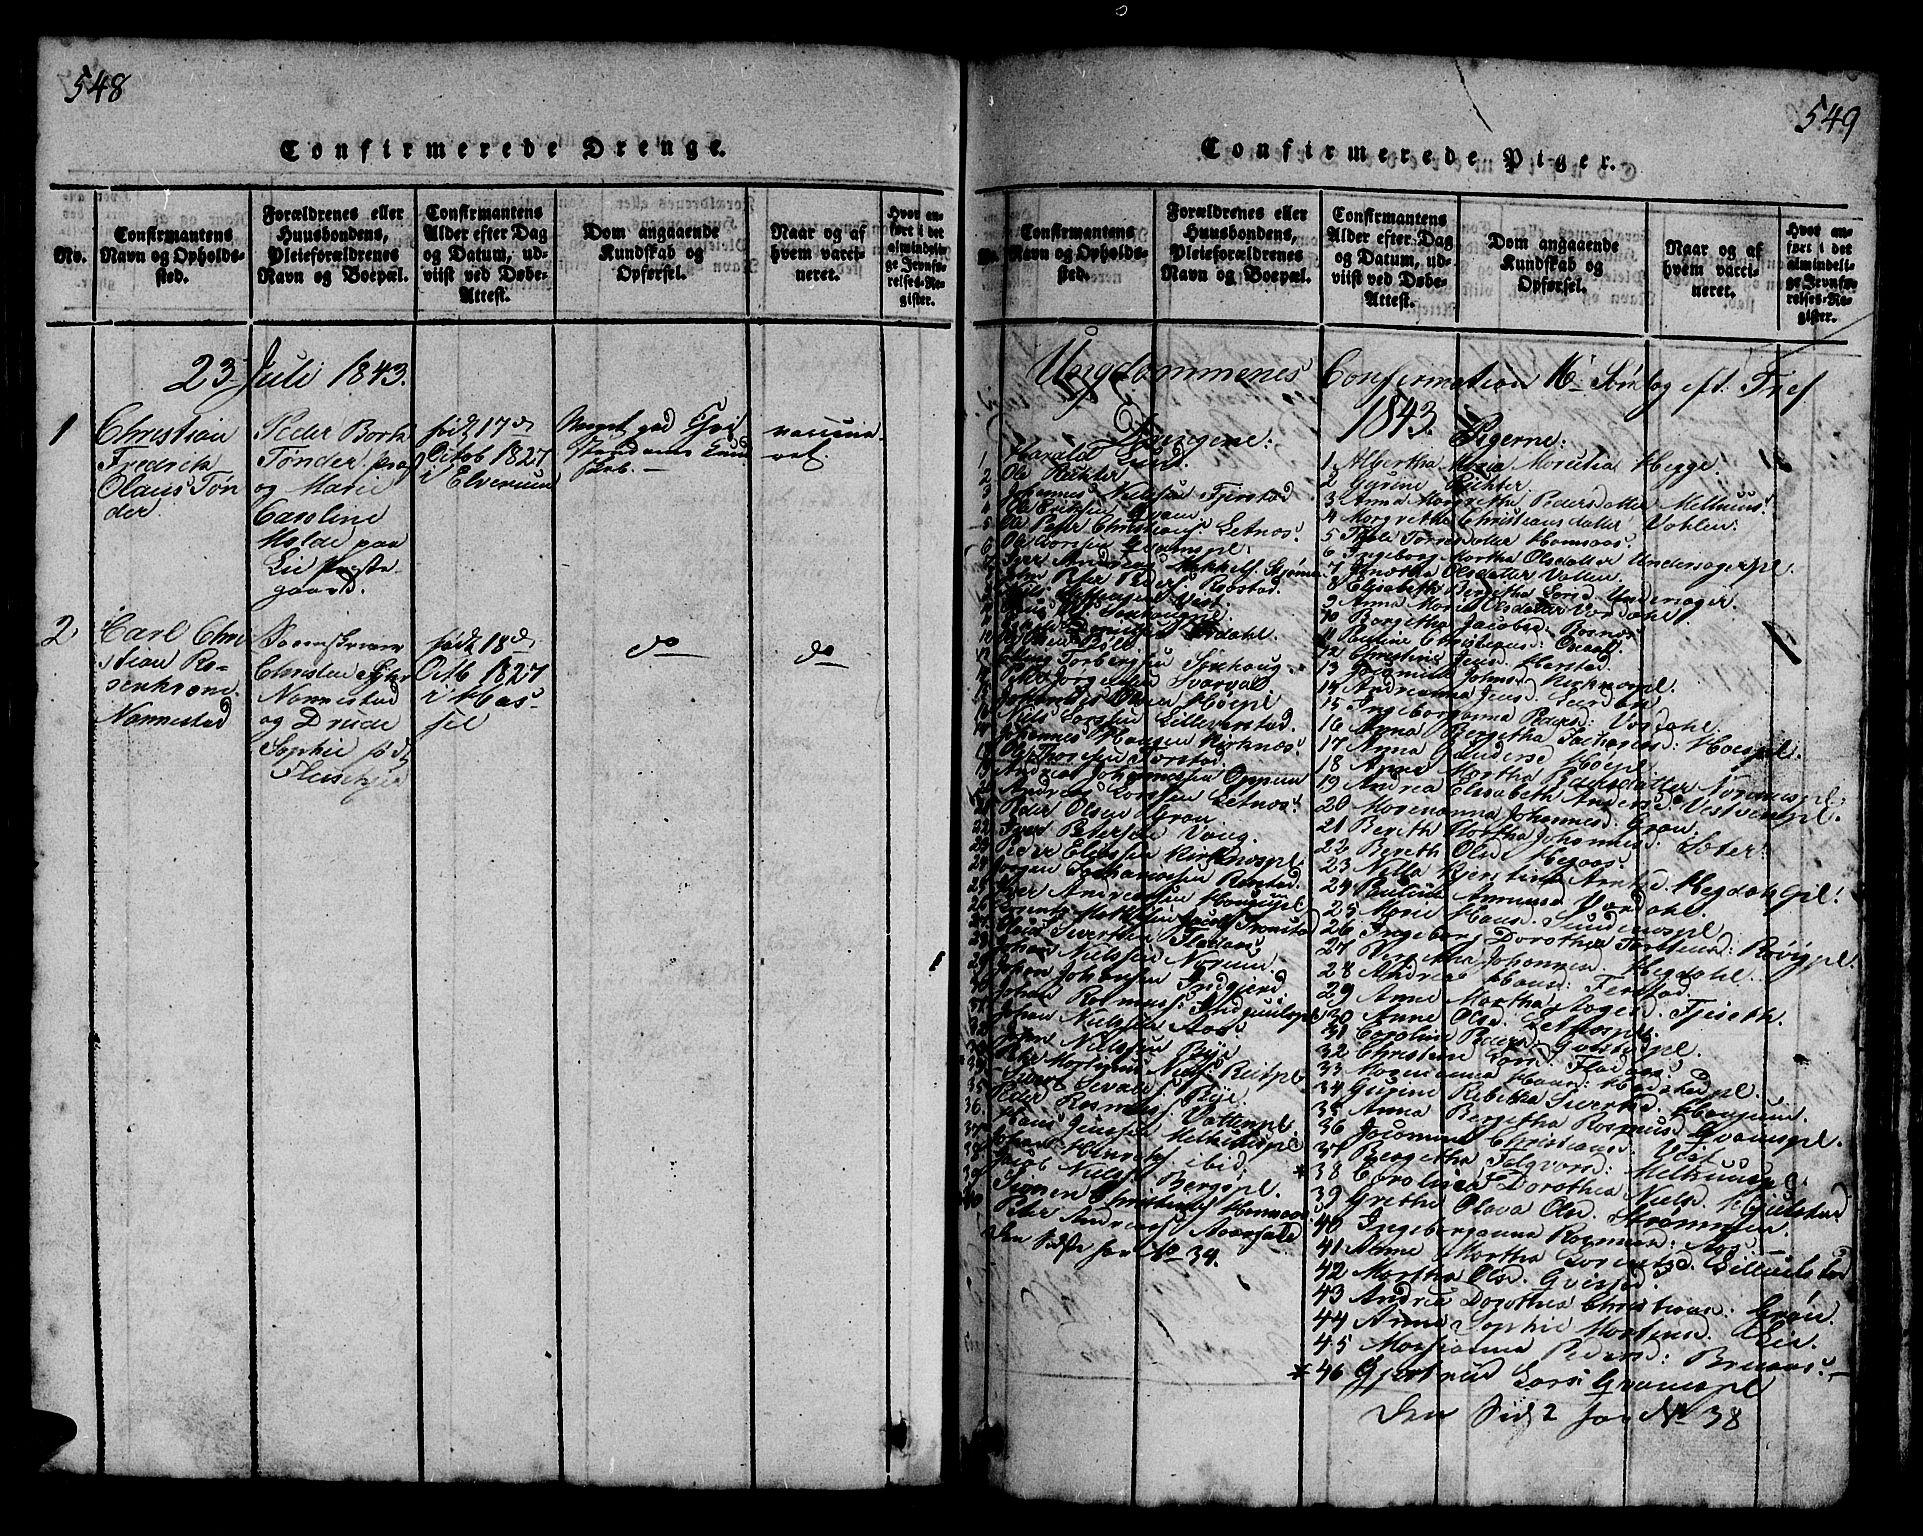 SAT, Ministerialprotokoller, klokkerbøker og fødselsregistre - Nord-Trøndelag, 730/L0298: Klokkerbok nr. 730C01, 1816-1849, s. 548-549